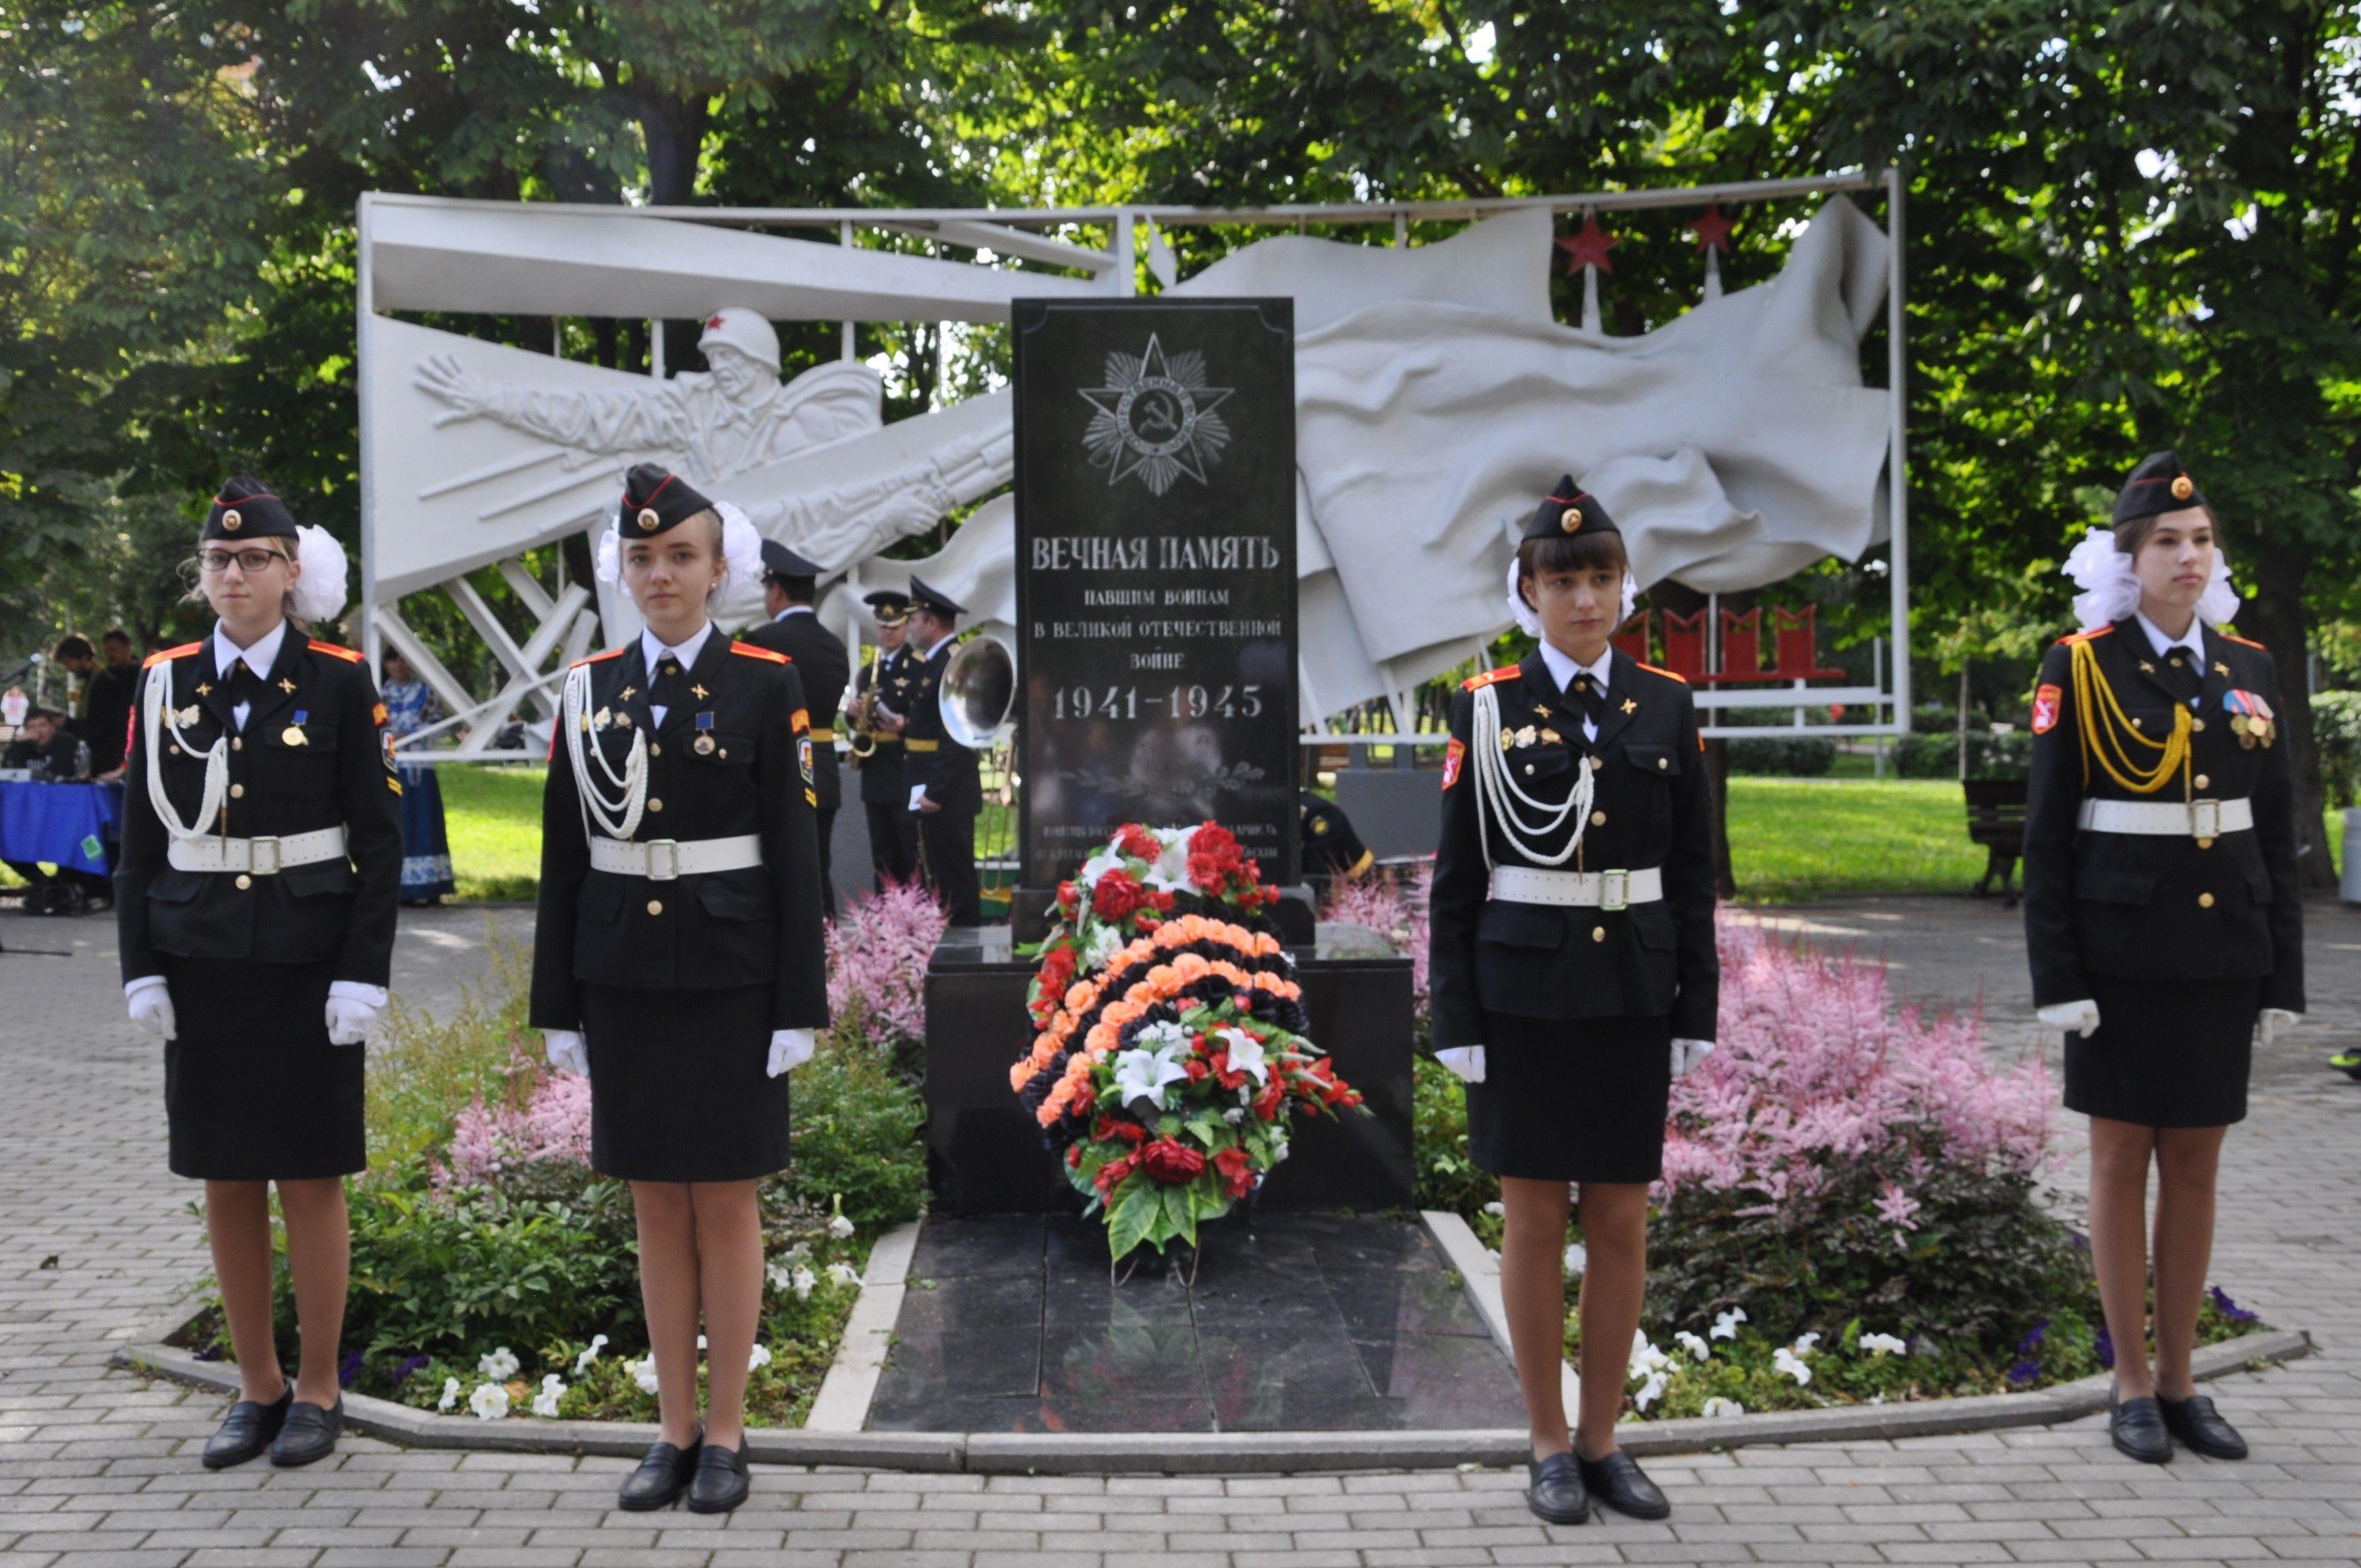 Торжественное открытие обновленной экспозиции военной техники состоялось в Парке 30-летия Победы